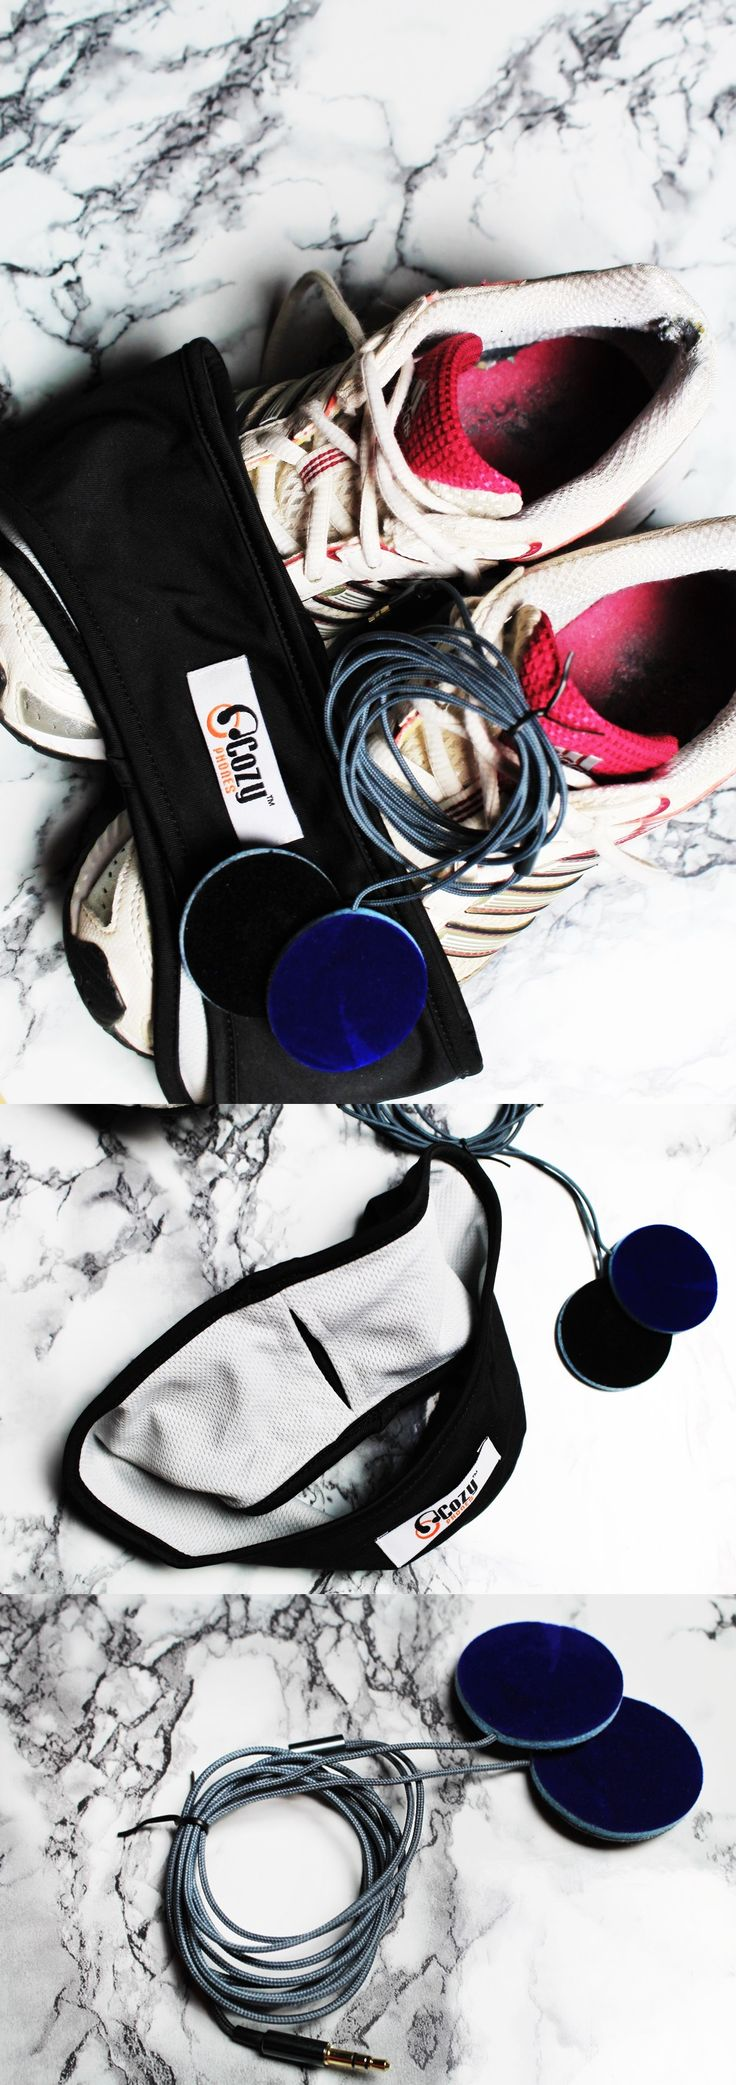 cozyphones review, flat headphones for sleep, headphones for relaxation #fitnesswear #activewear #sleepwear #cozyphones